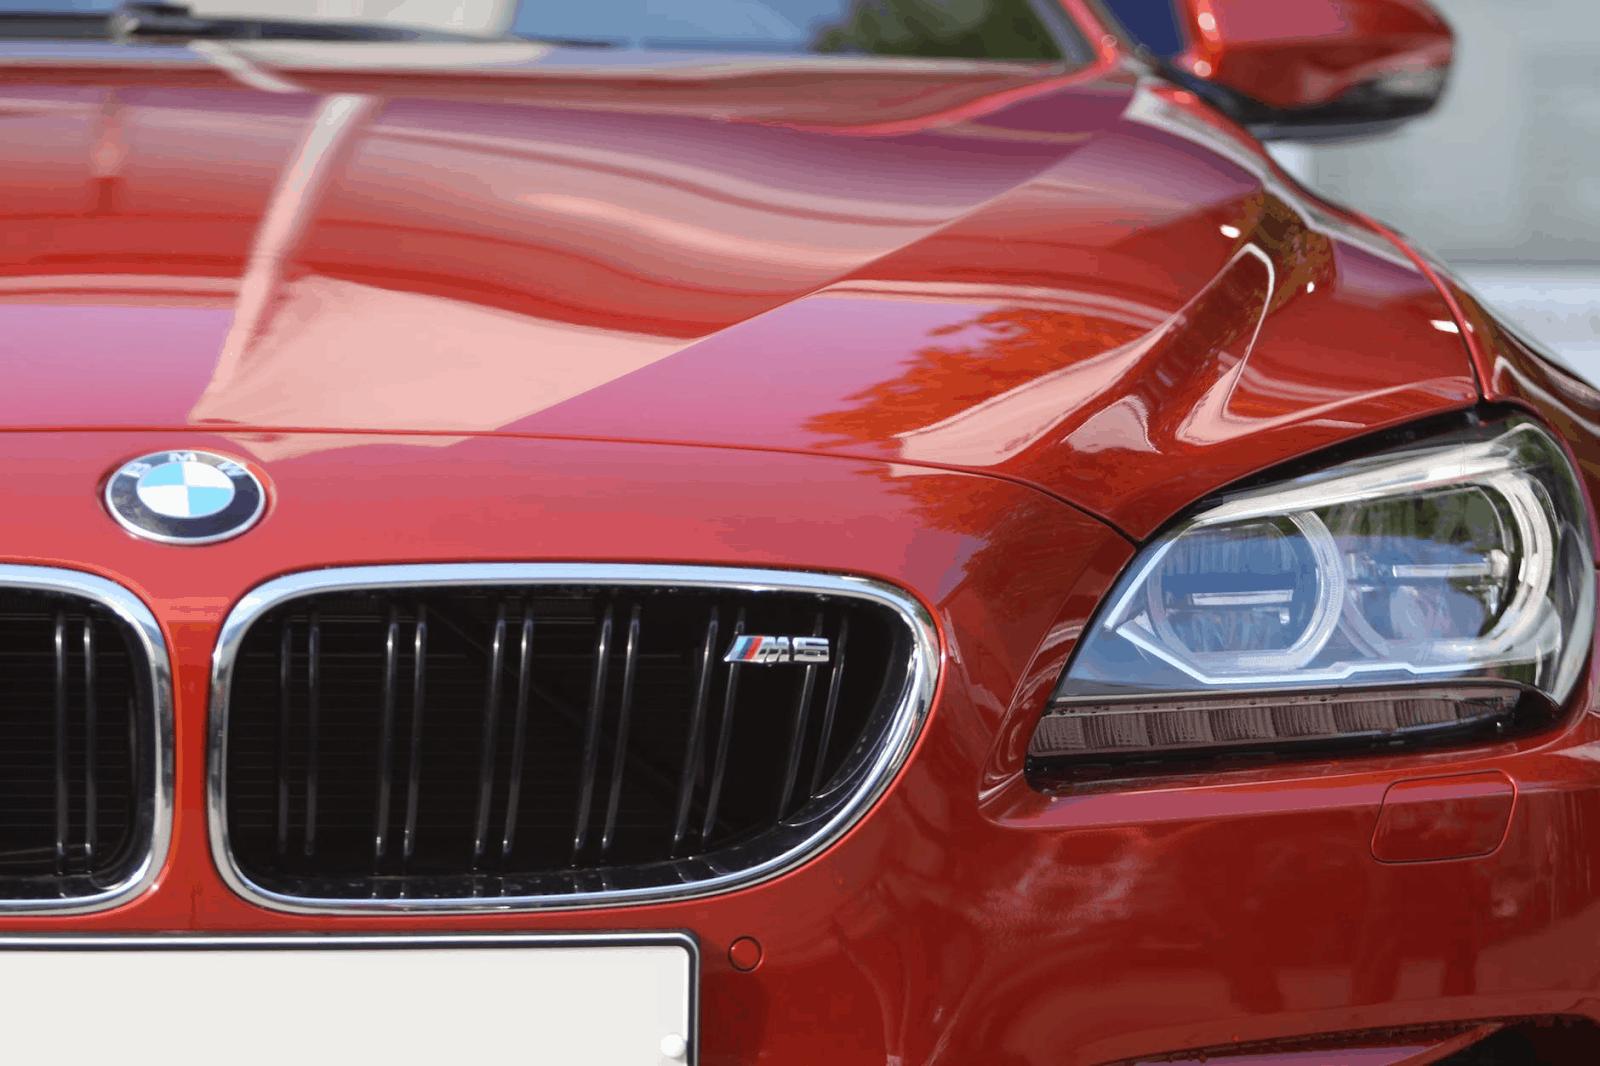 Phủ Nano Ceramic thương hiệu 3M bảo vệ ngoại thất của xe